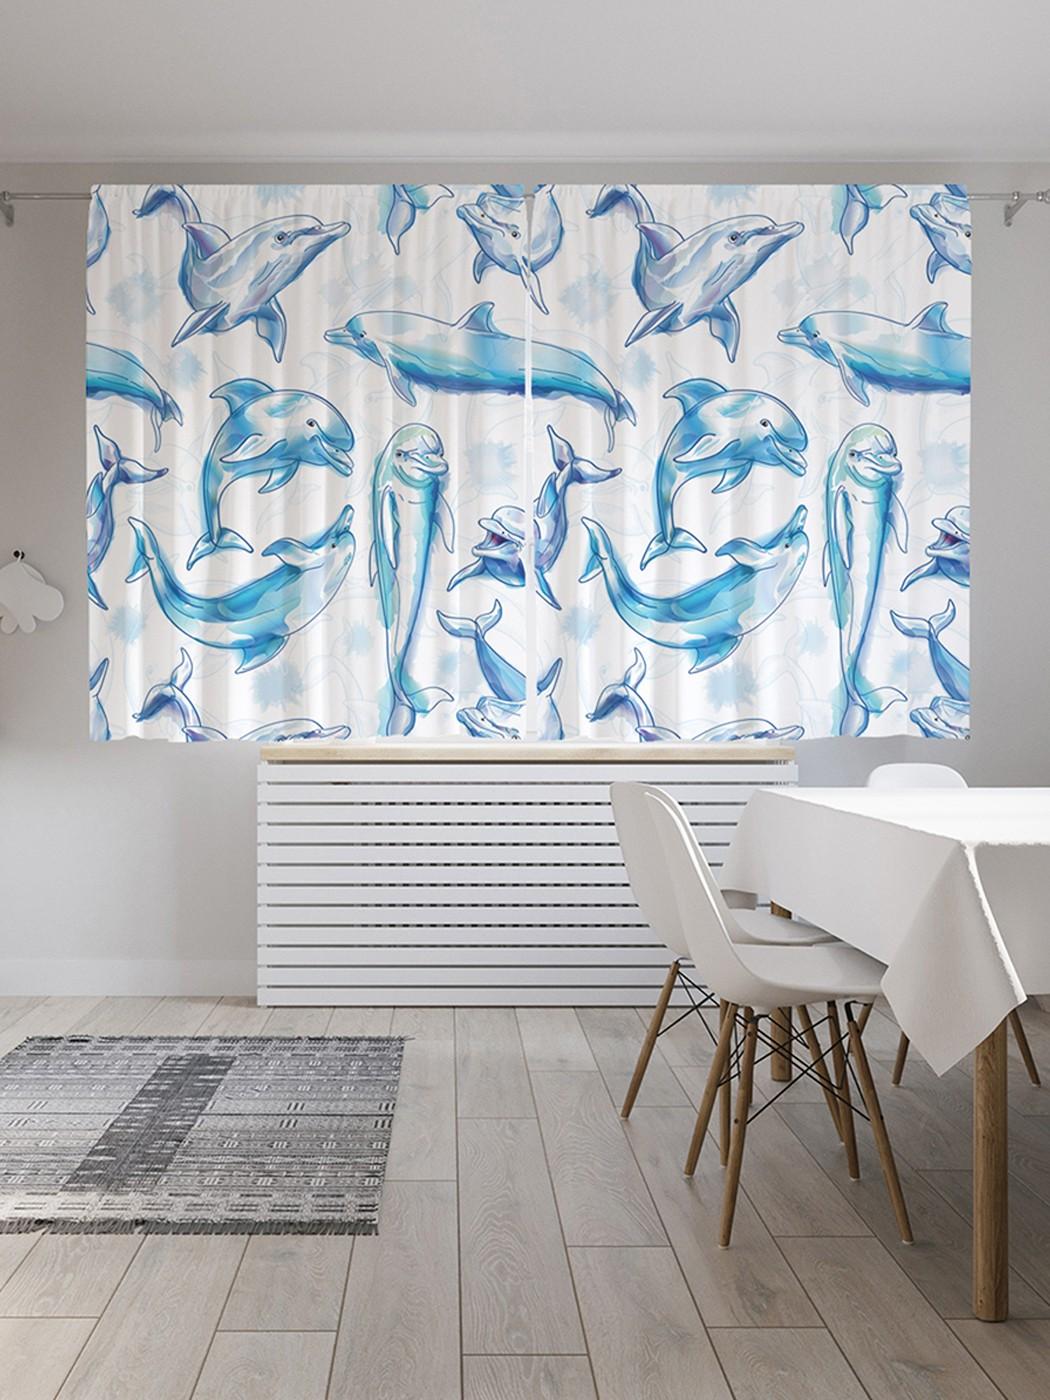 Шторы под лён «Дельфины развлекаются», серия Oxford DeLux, 290х180 см